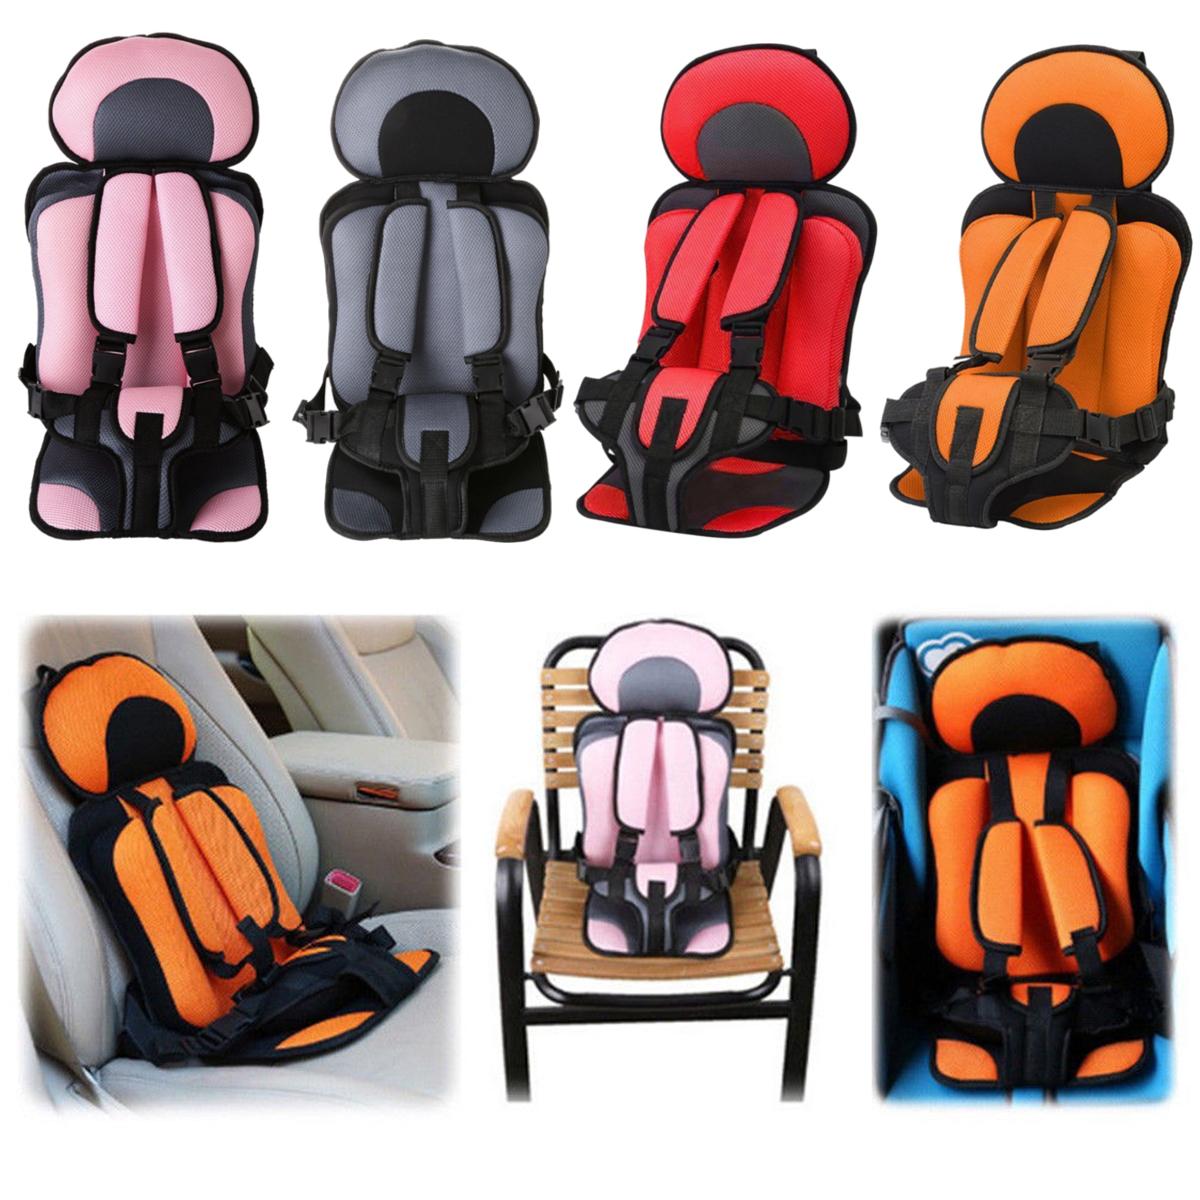 Autokindersitz Autositz Kinderautositz Kindersitz Lcp Kids Schlaf